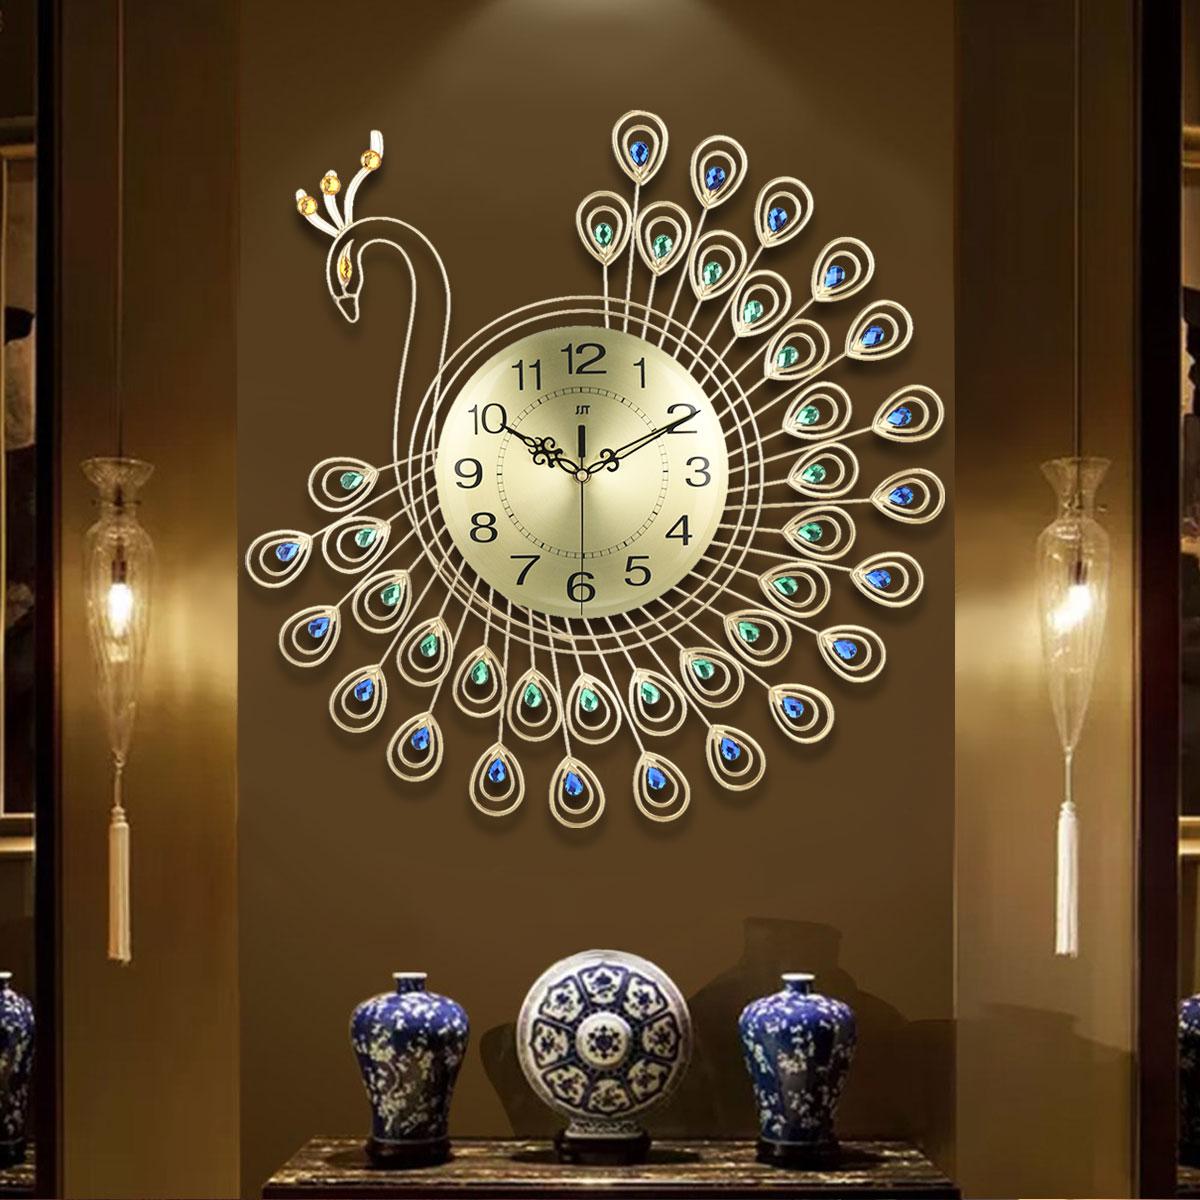 Große 3D Gold Diamant Pfau Wanduhr Metall Uhr für Home Wohnzimmer Dekoration DIY Uhren Handwerk Ornamente Geschenk 53x53cm